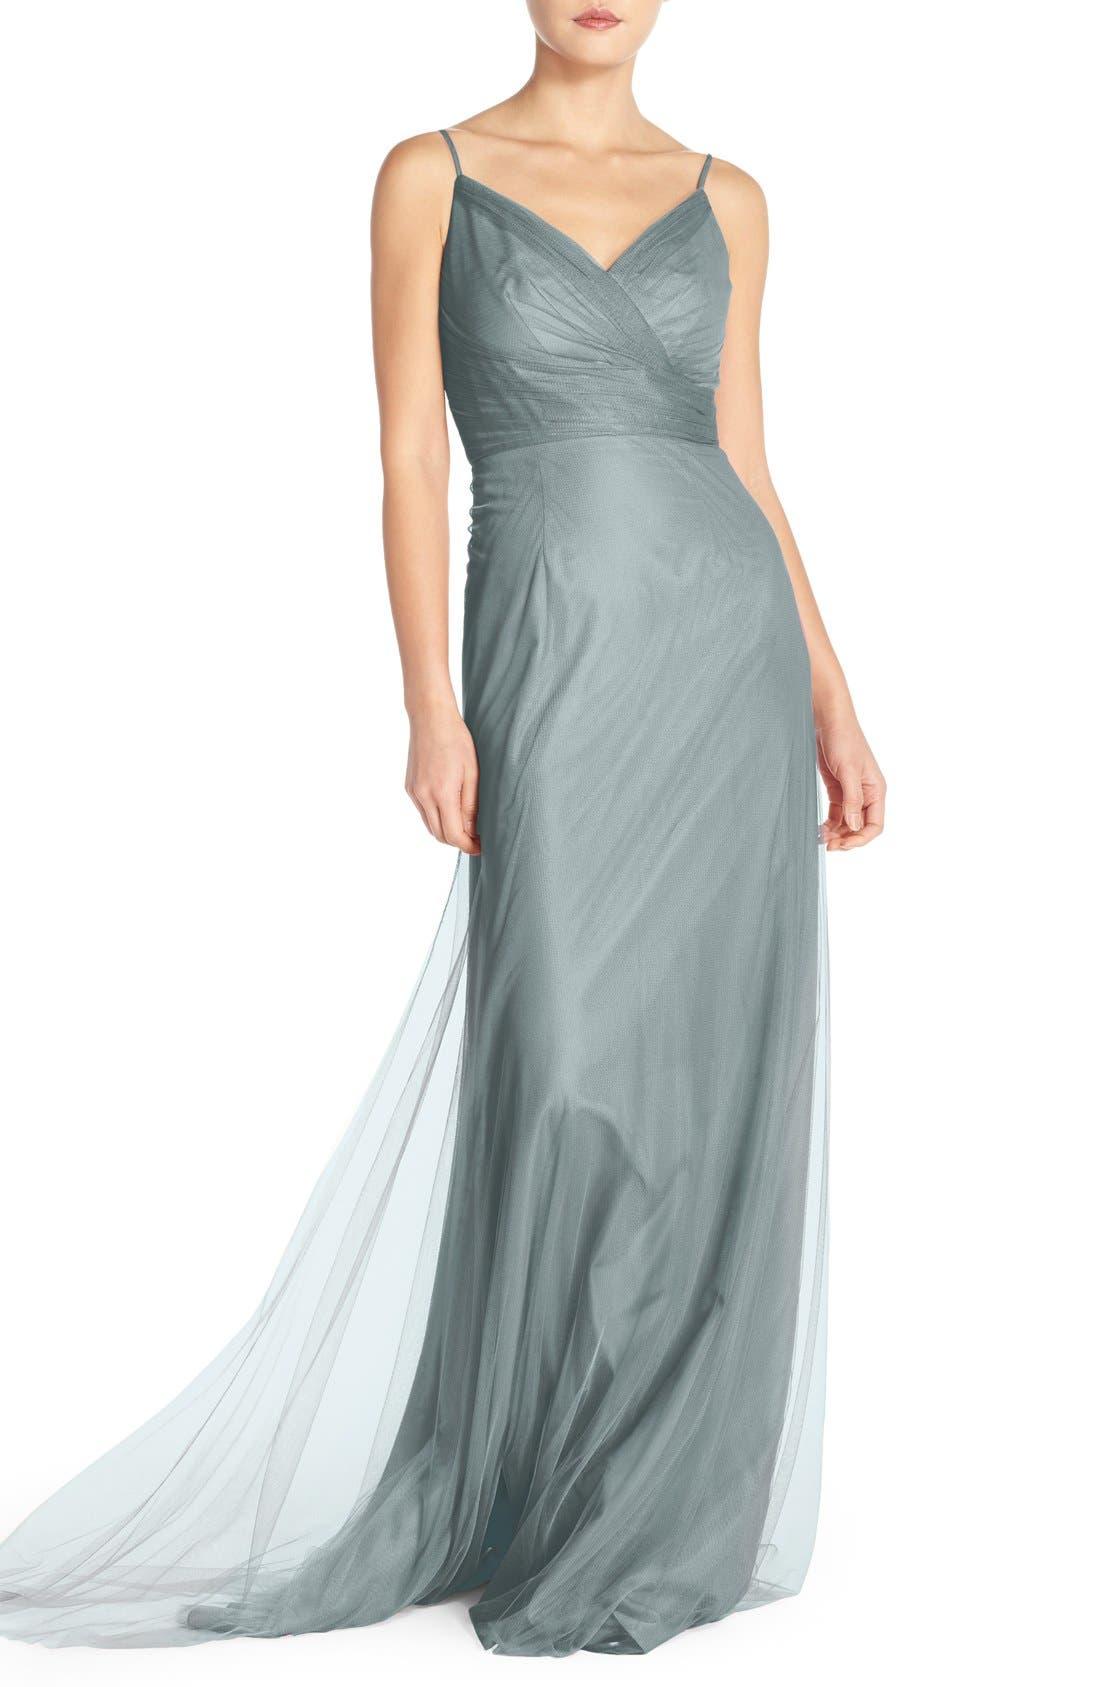 MONIQUE LHUILLIER BRIDESMAIDS, Surplice Tulle Gown, Main thumbnail 1, color, 483